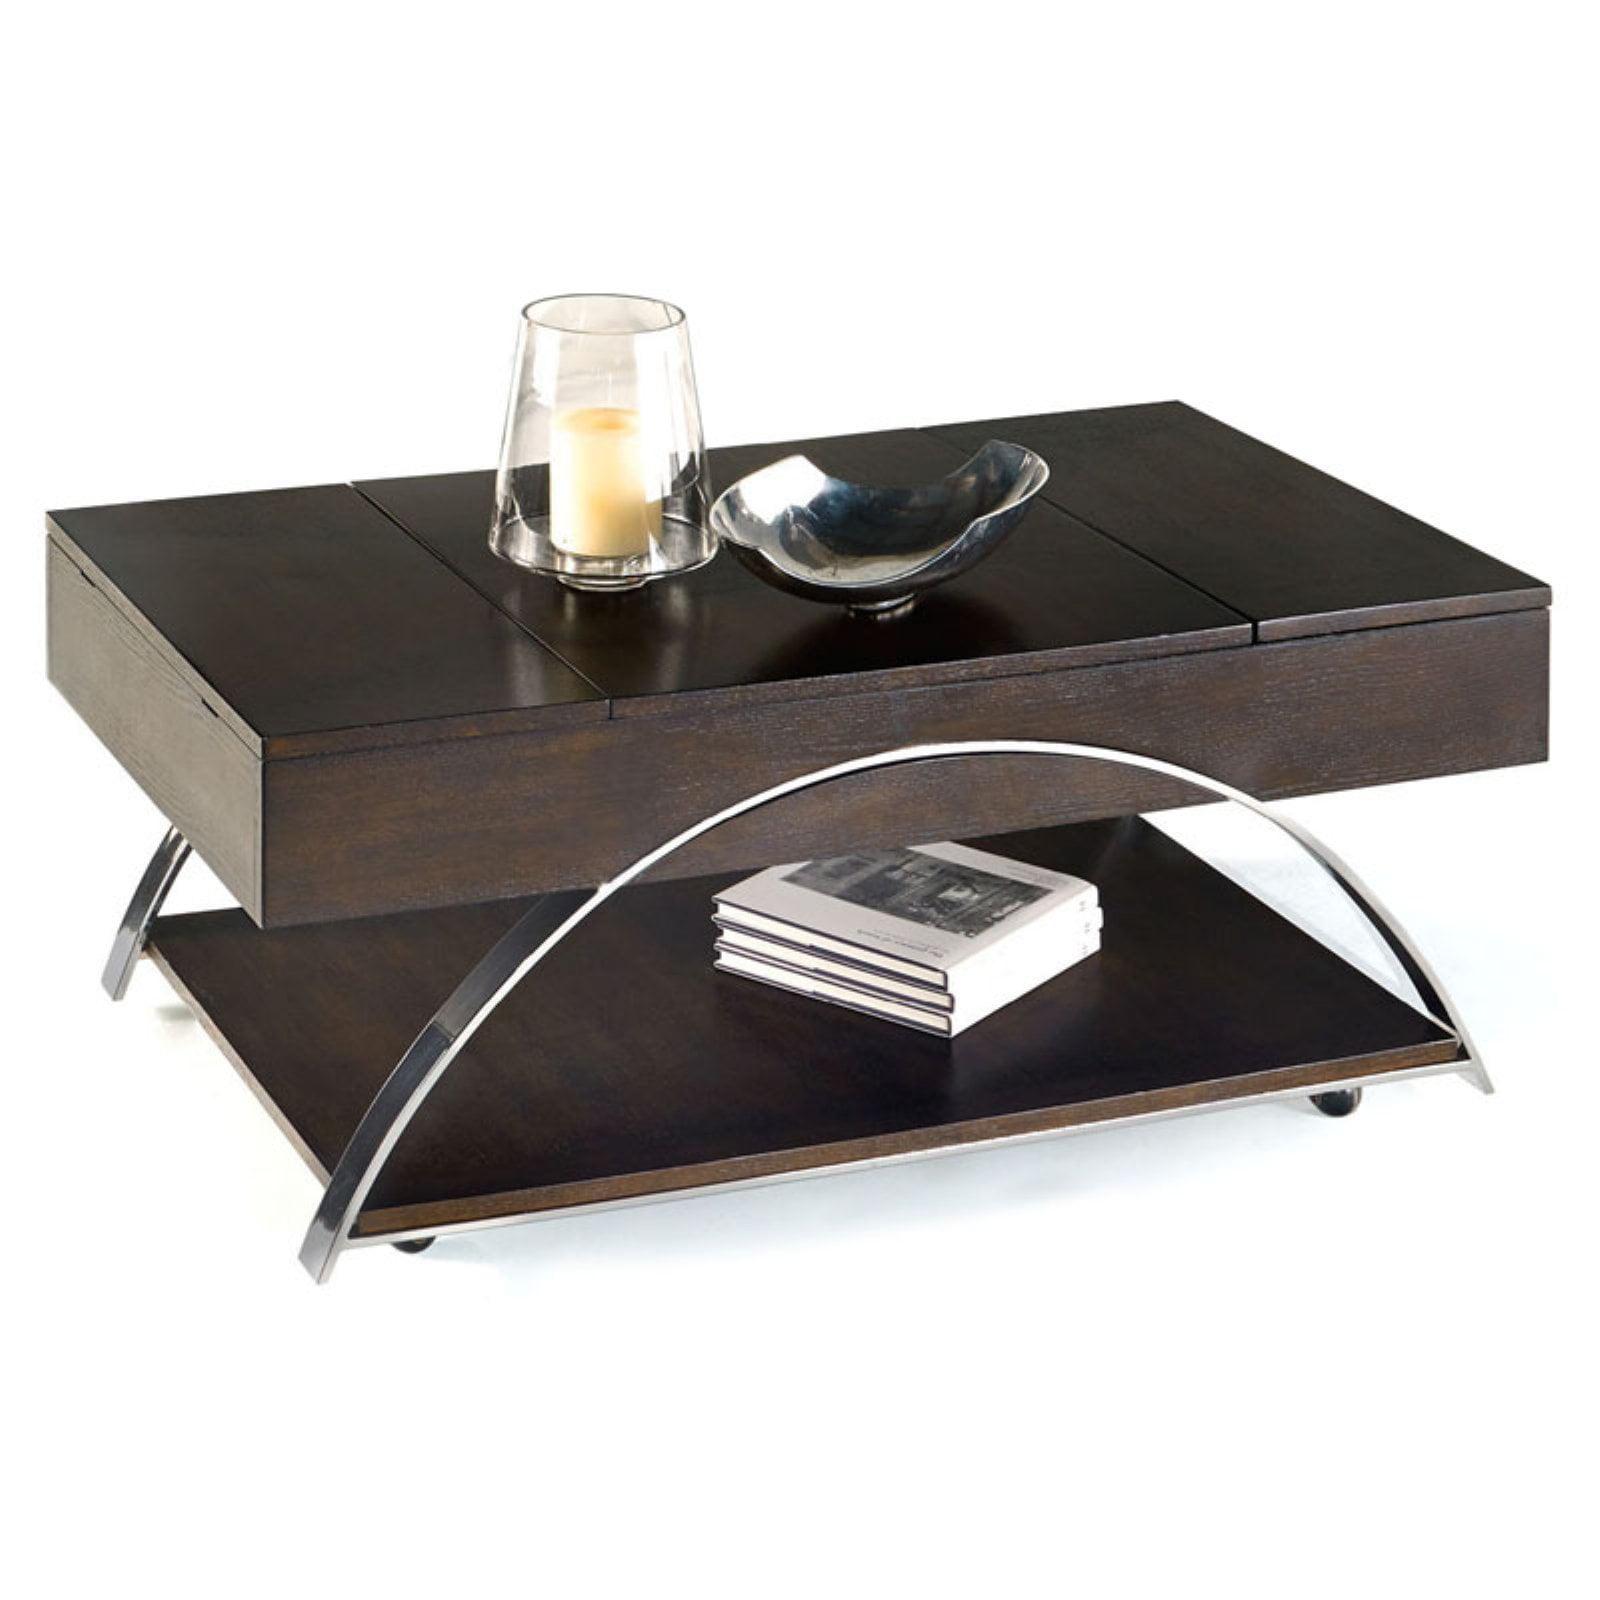 Progressive Furniture Showplace Castered Cocktail Table